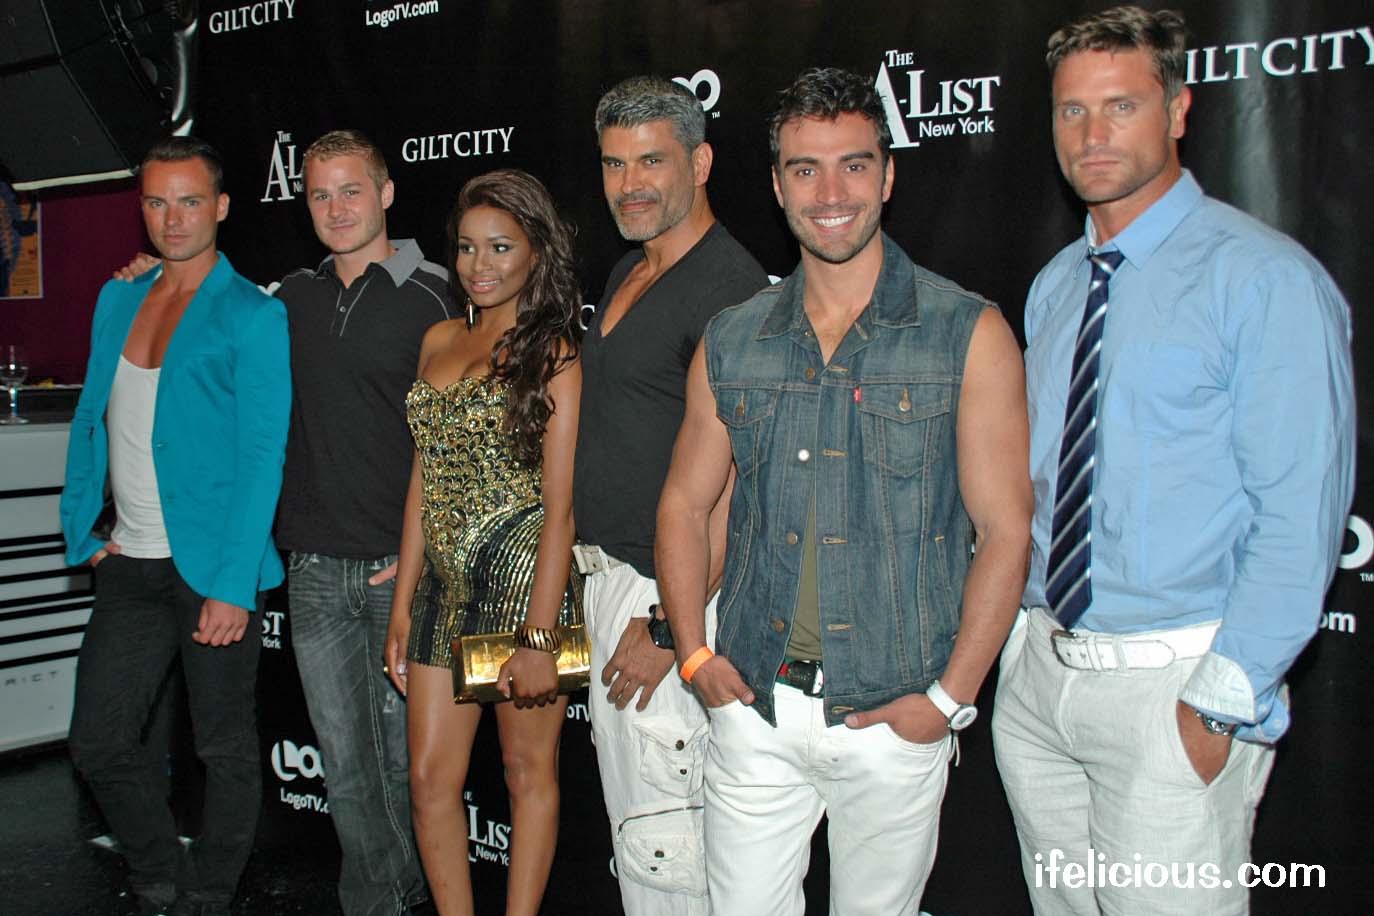 The A-List: New York season 2 cast photo- ifelicious